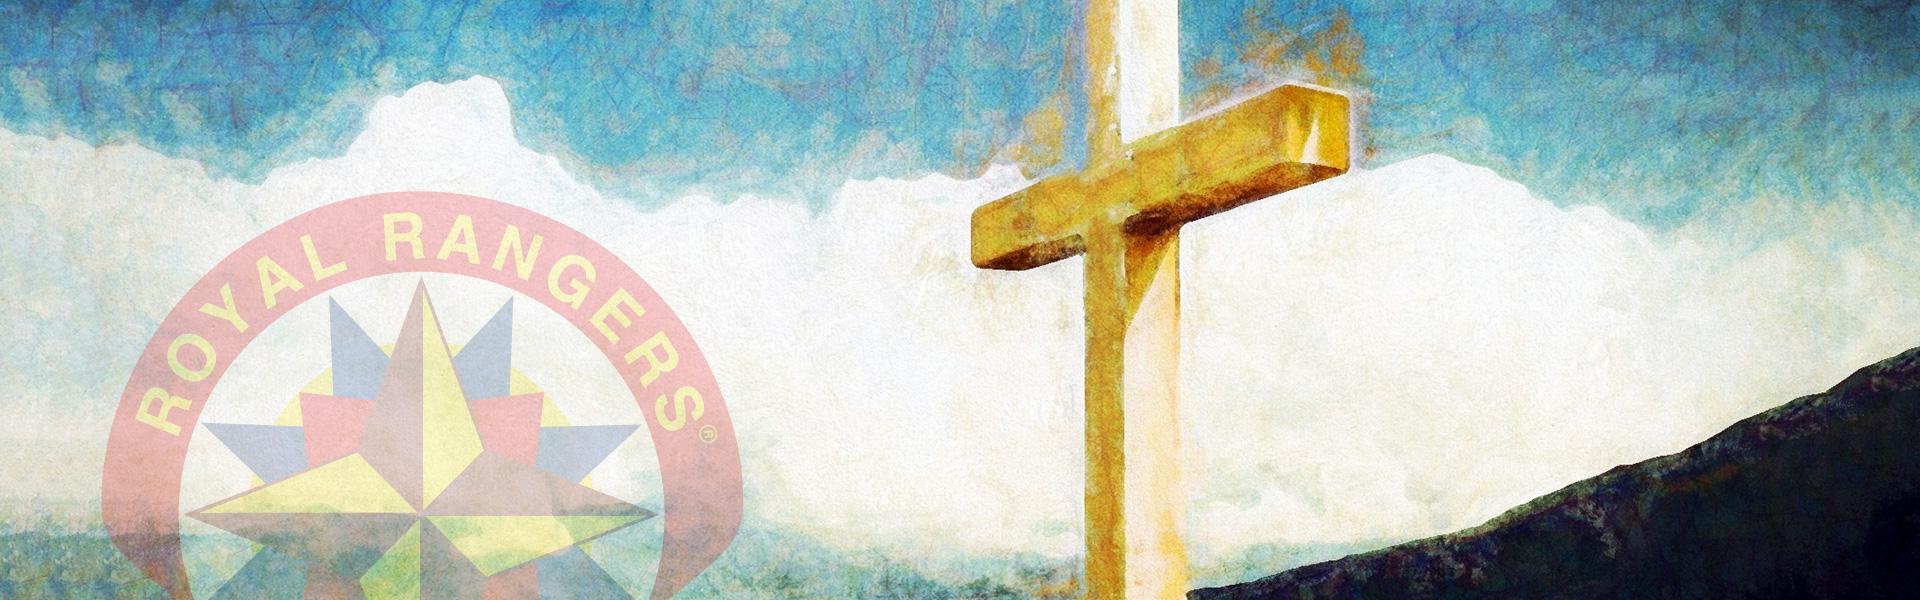 Royal Rangers - Ostergottesdienst | Christliche Gemeinde